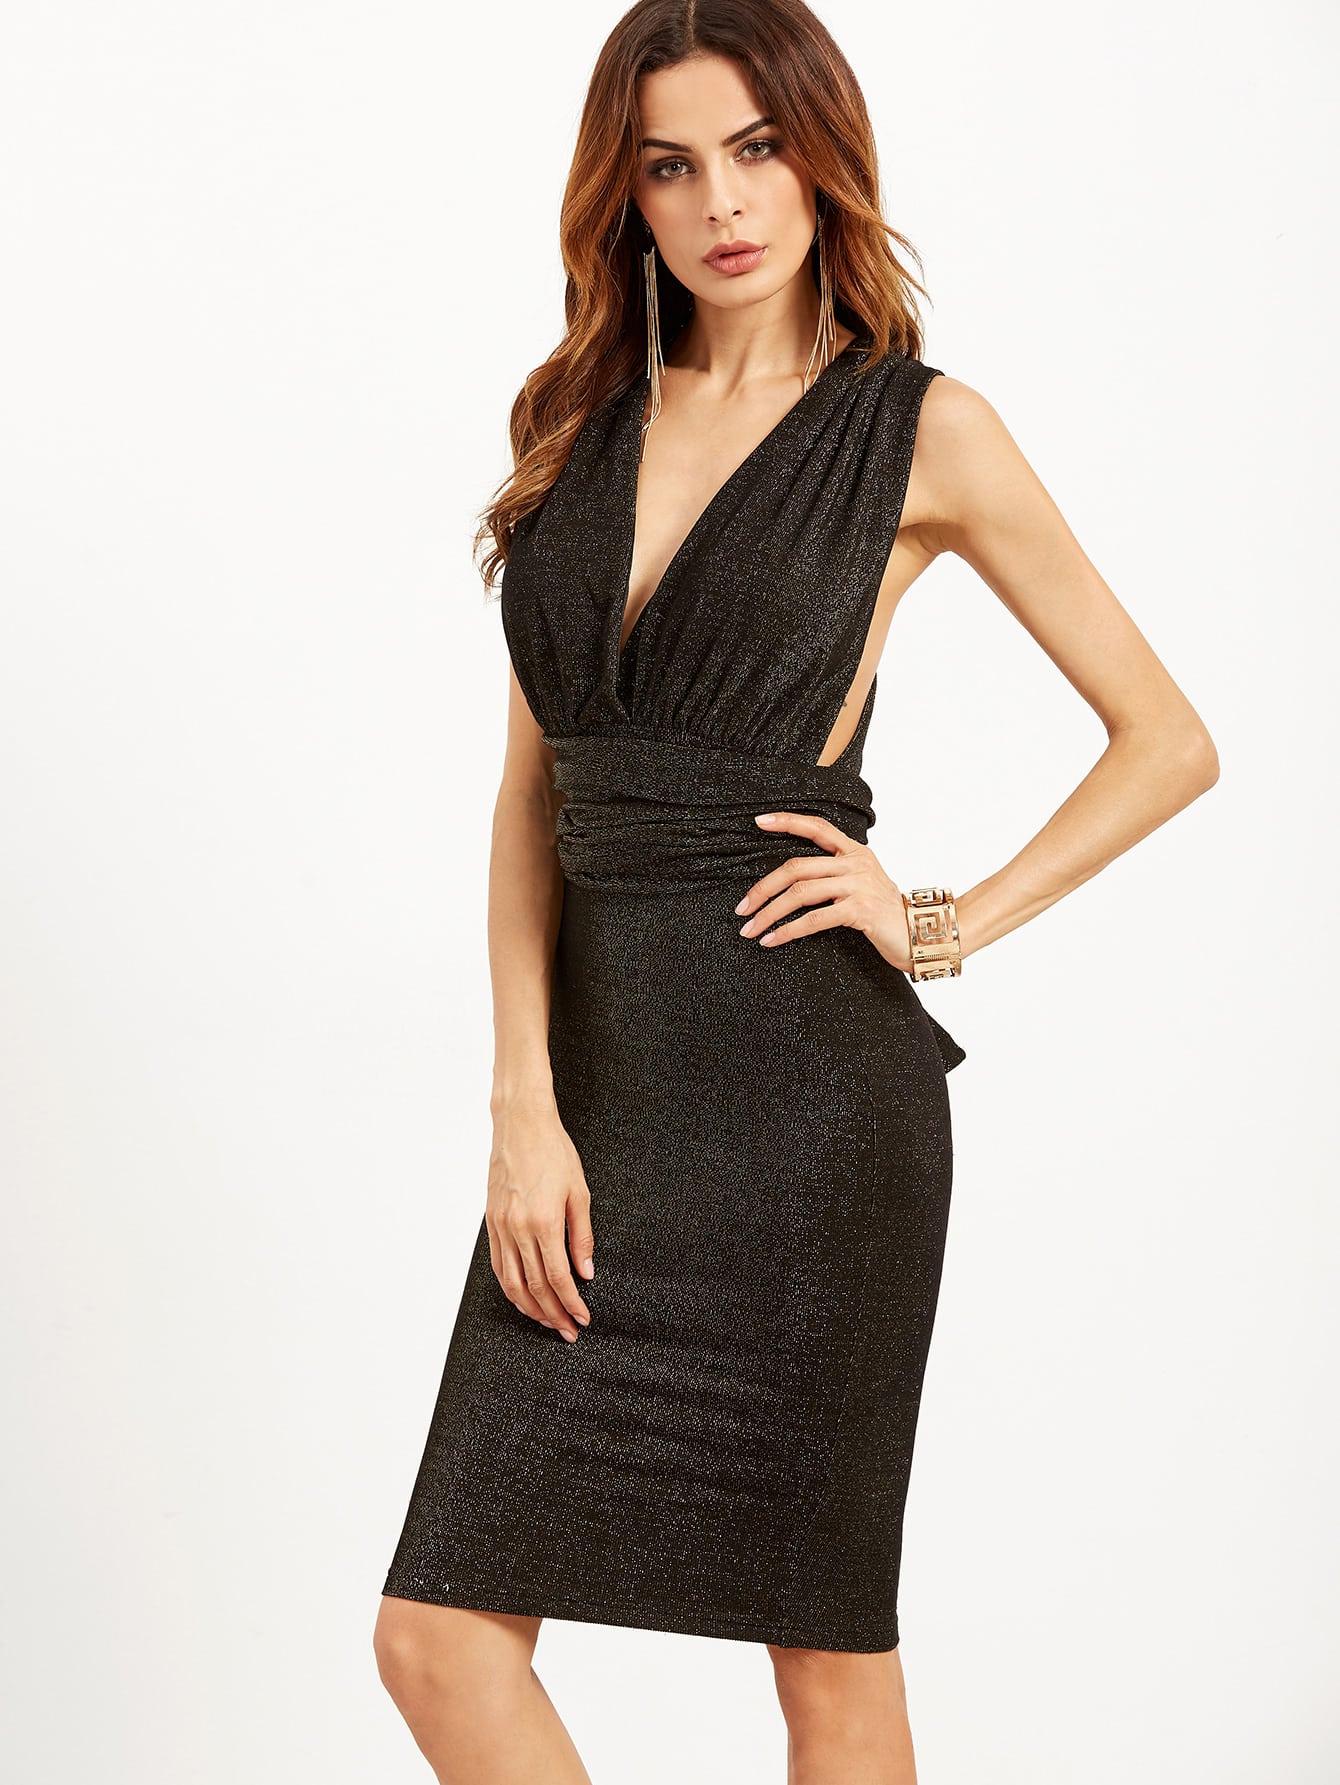 dress160830707_5